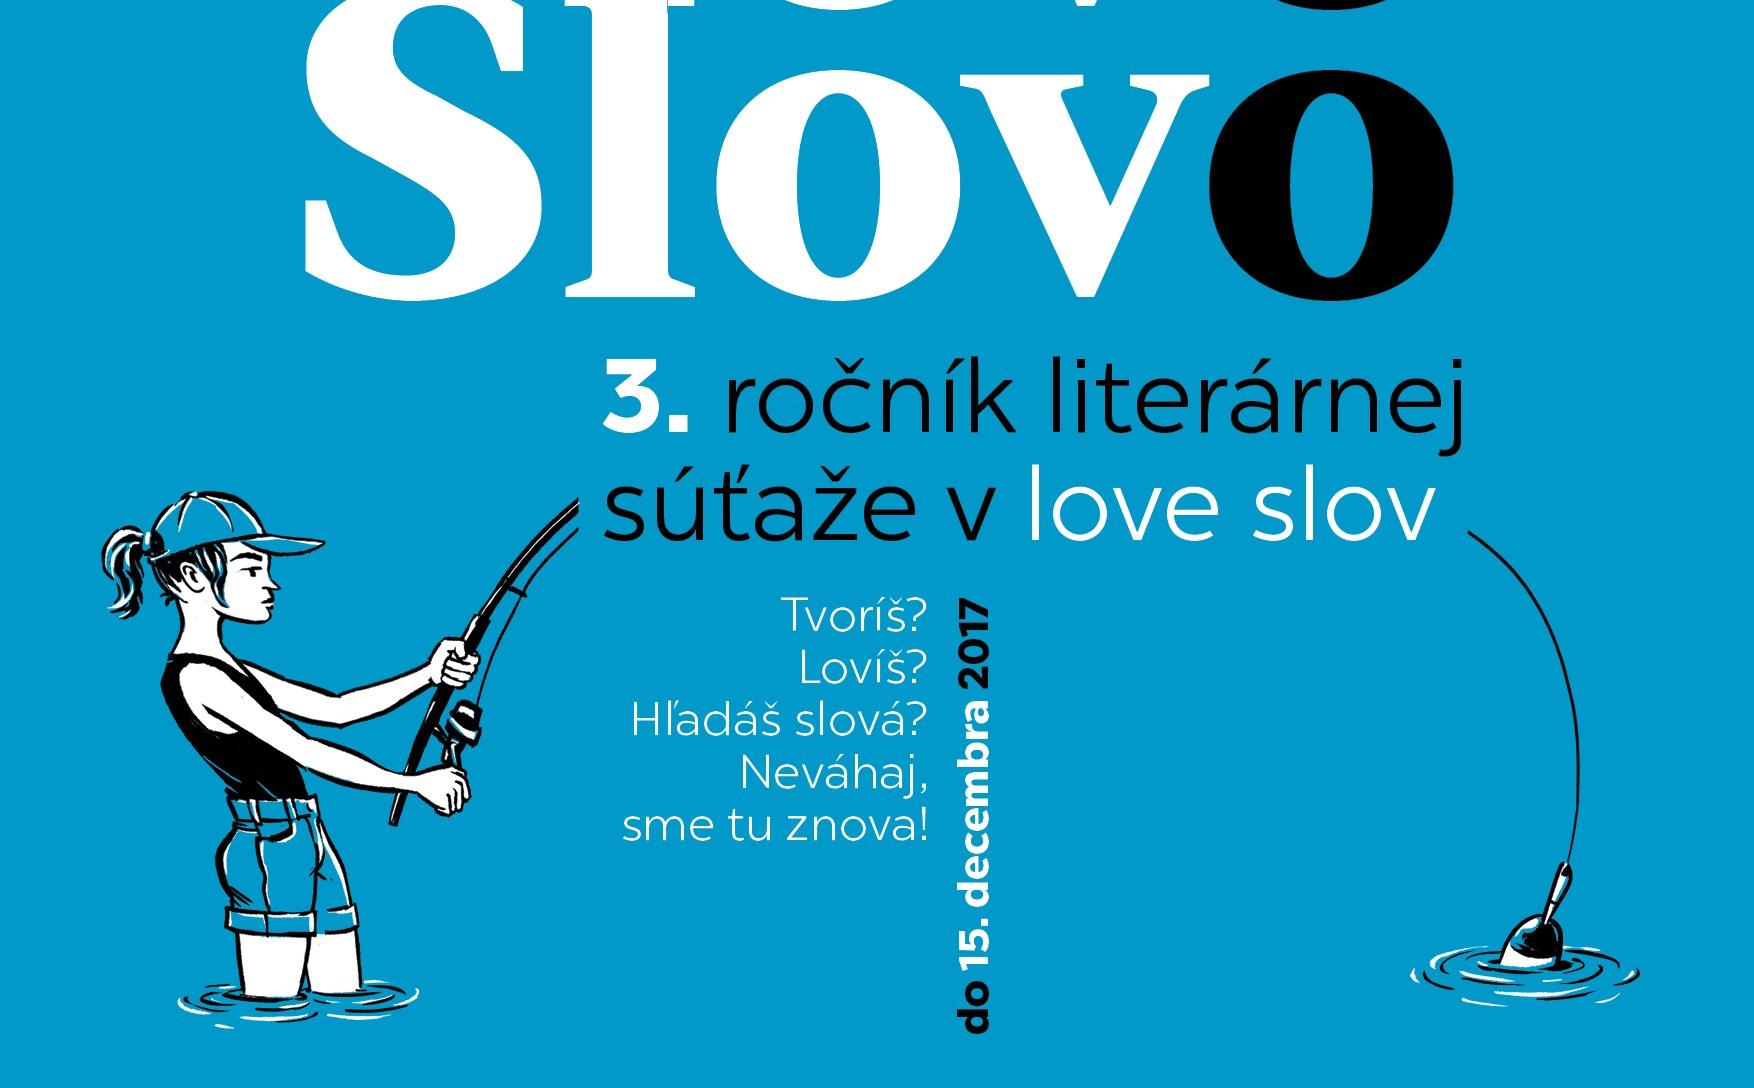 3. ročník literárnej súťaže SLOVO